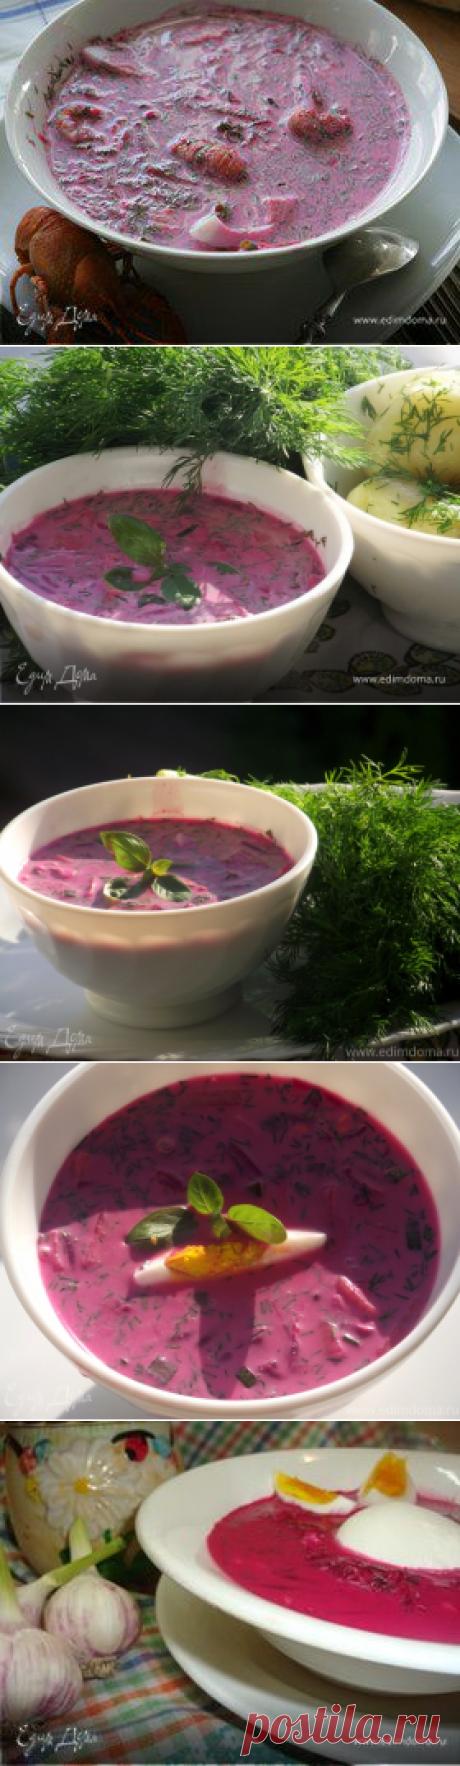 Белорусский холодник рецепт 👌 с фото пошаговый | Едим Дома кулинарные рецепты от Юлии Высоцкой